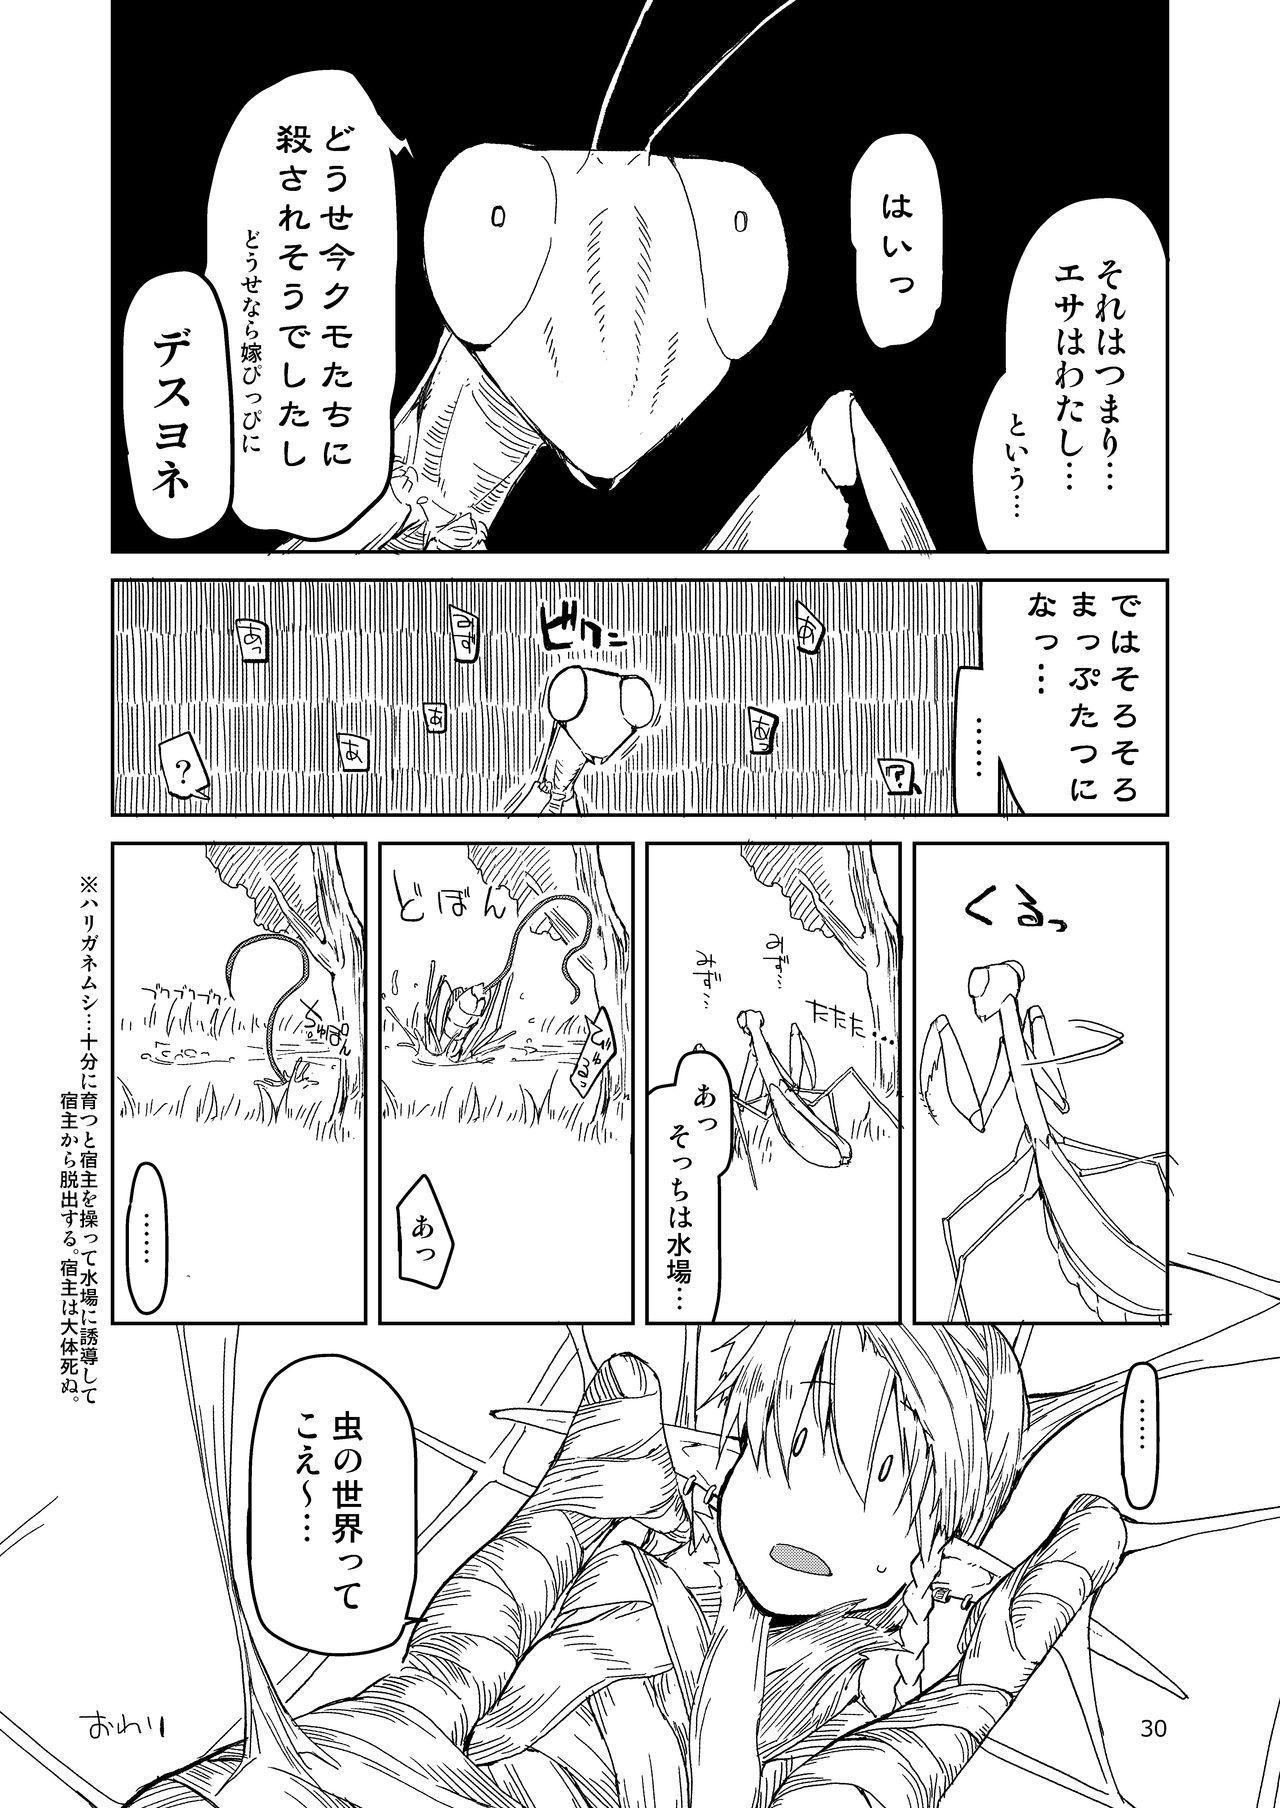 Dosukebe Elf no Ishukan Nikki Matome 2 30